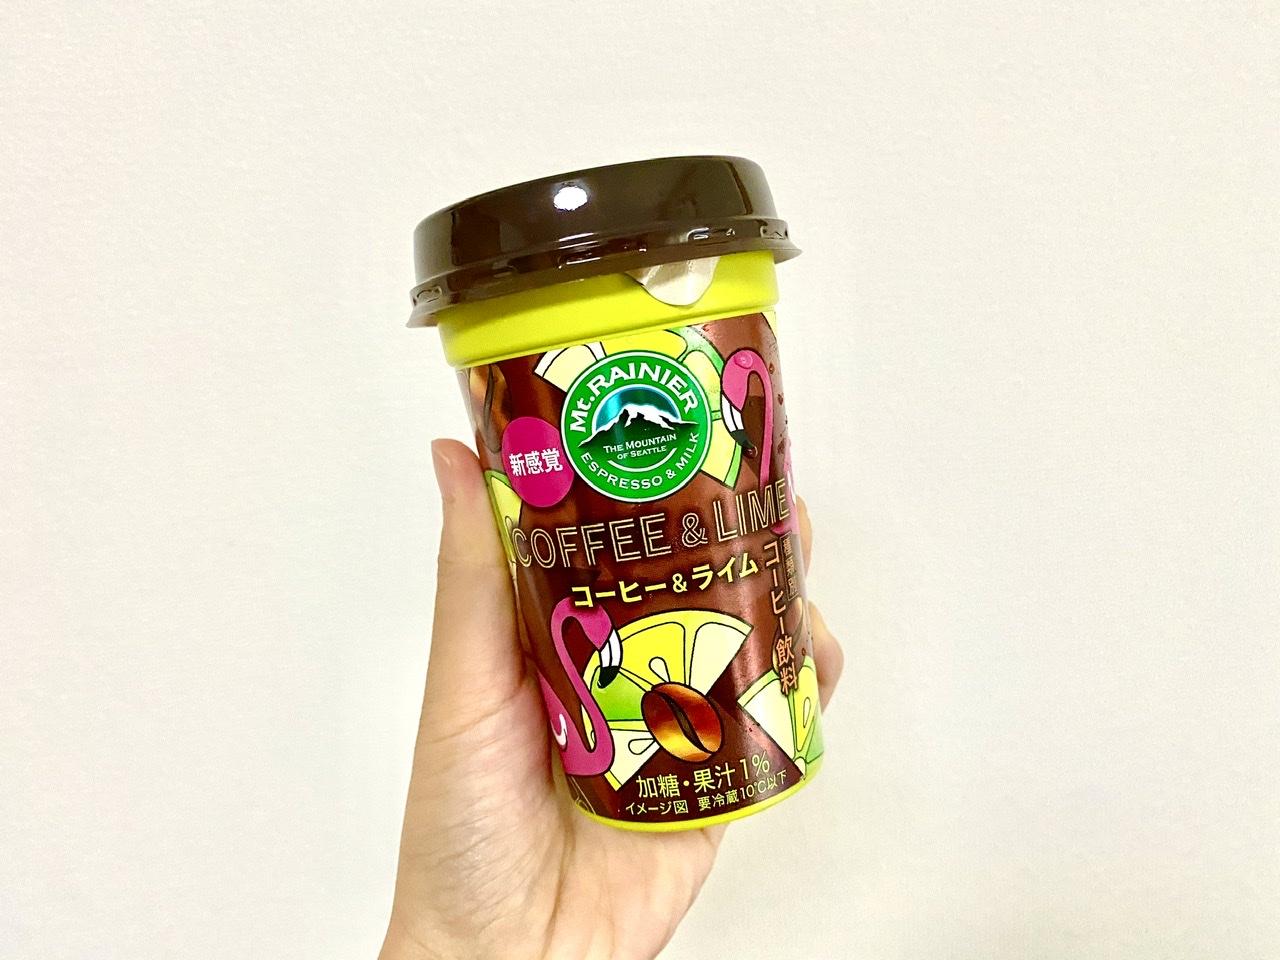 【マウントレーニア】ブームの兆し!?新感覚コーヒー《コーヒー×ライム》が美味しい♡_2